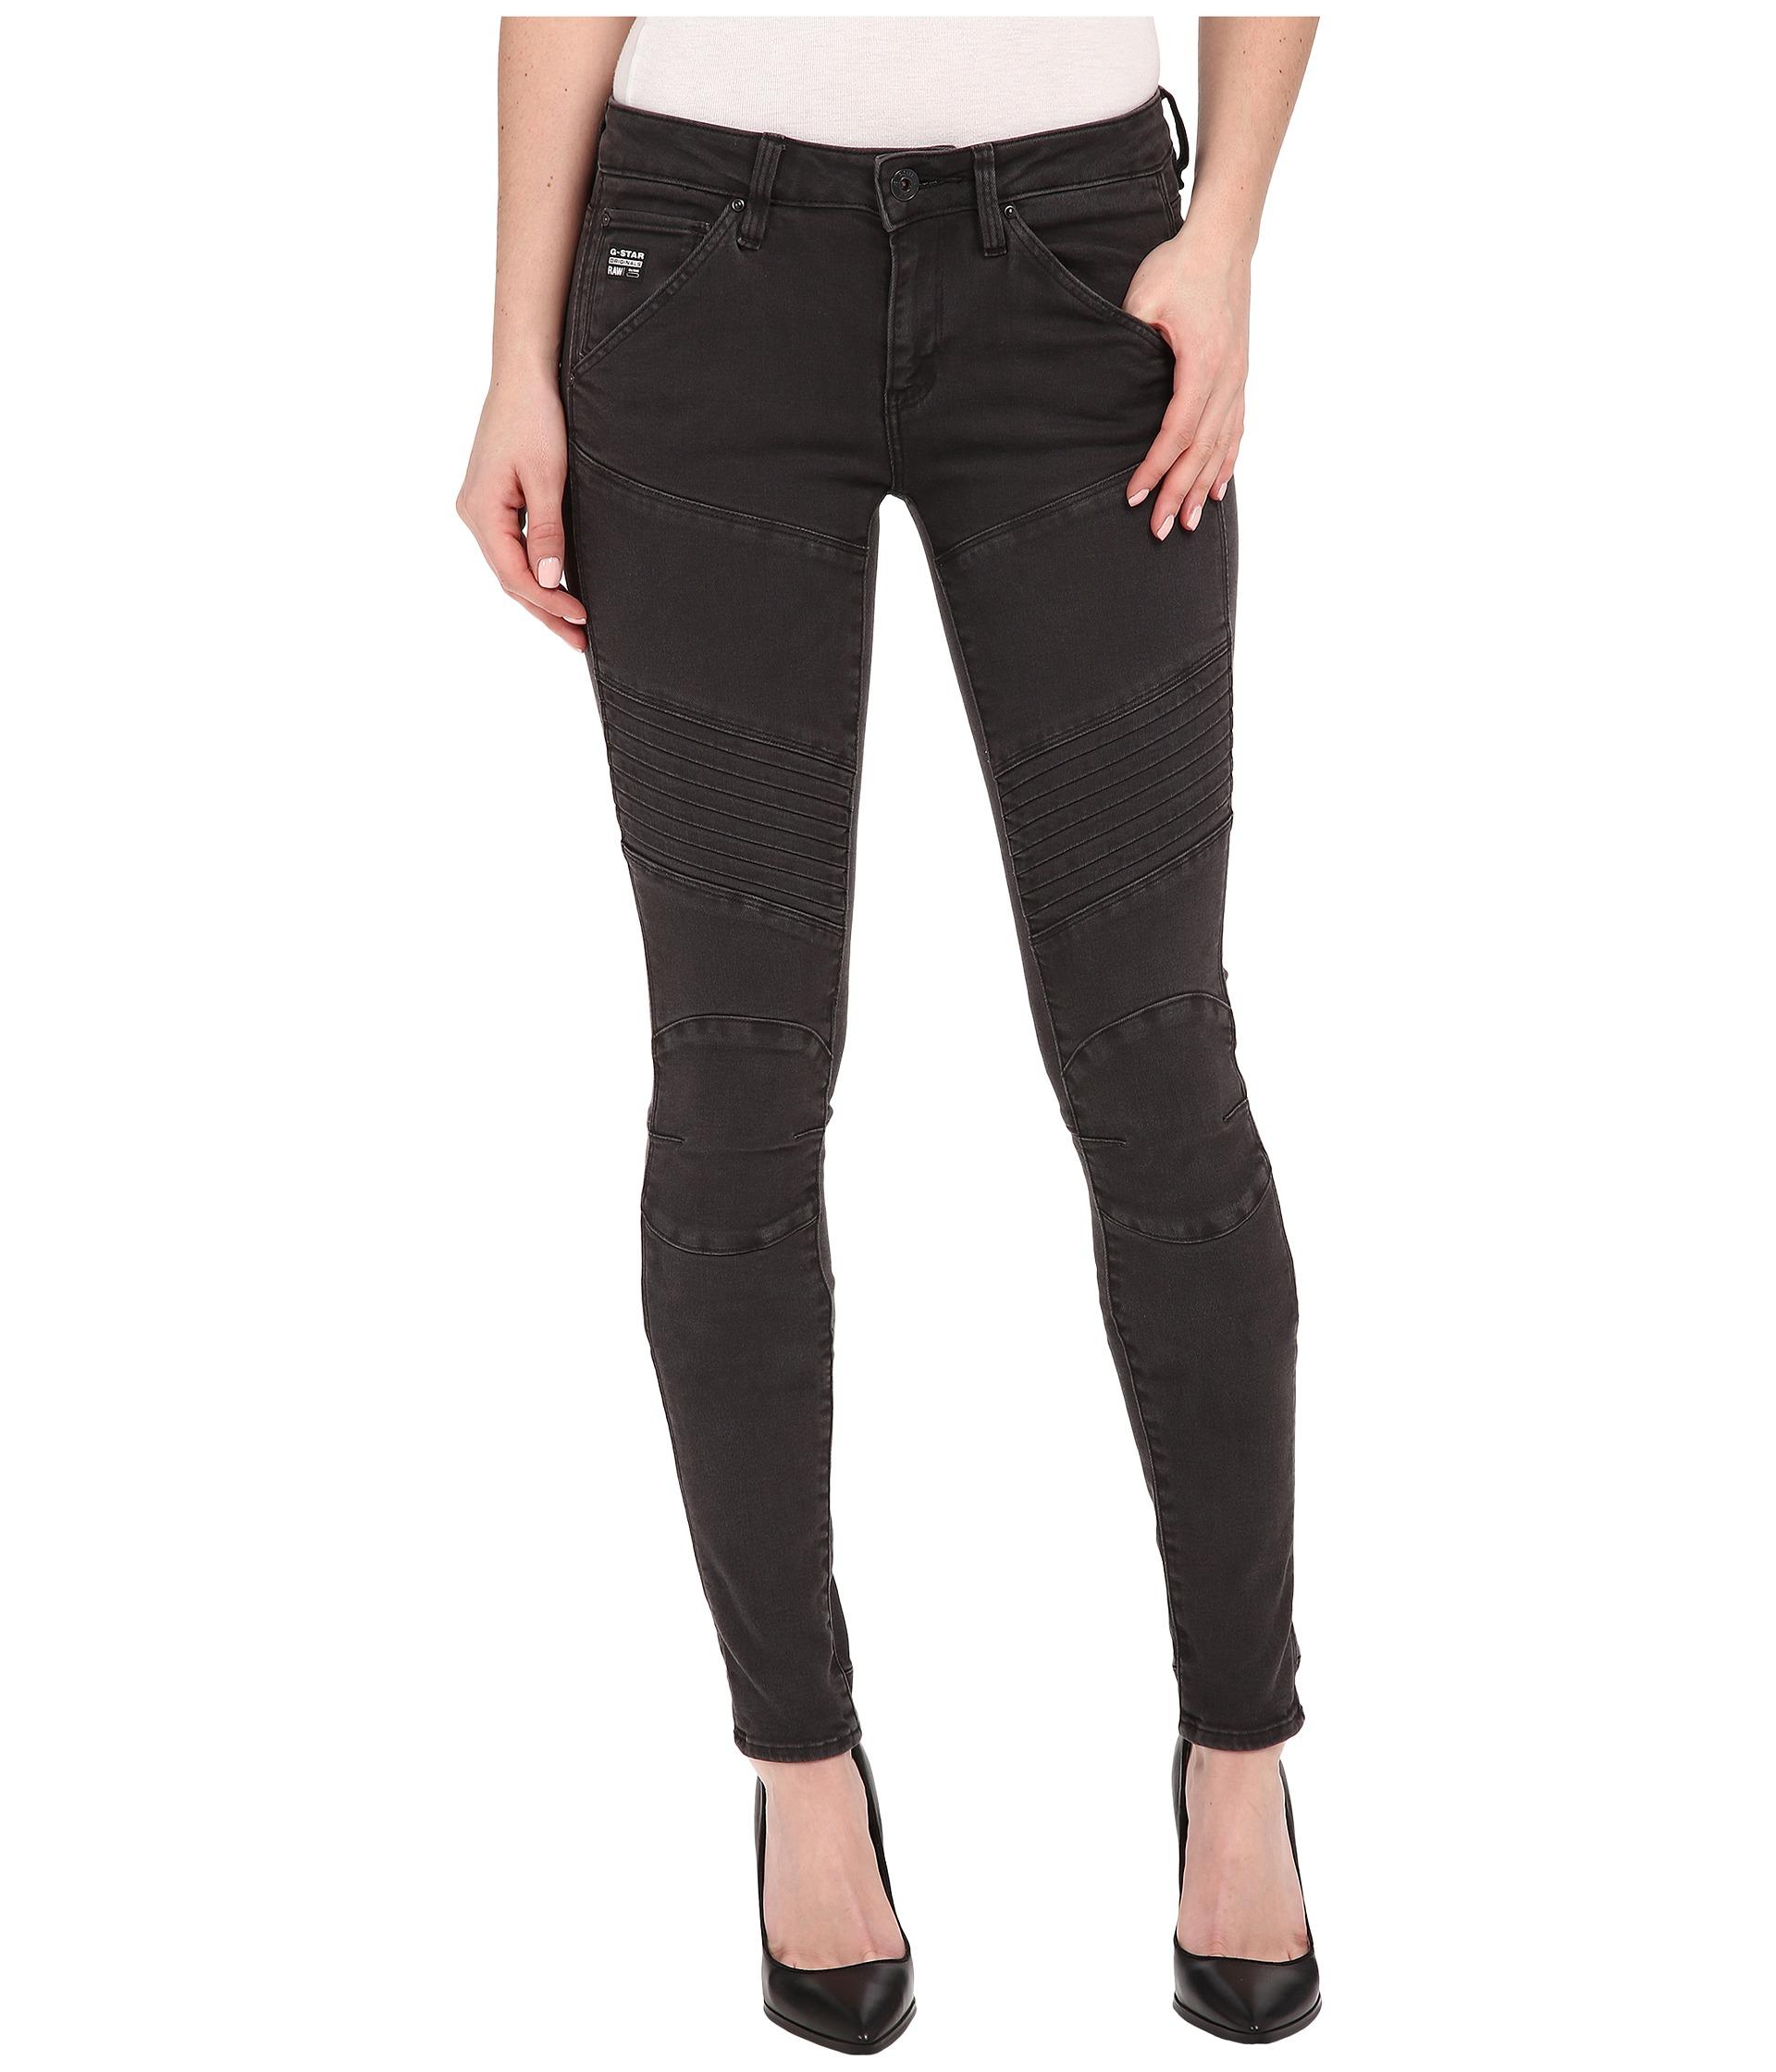 G-star raw 5620 Custom Mid Skinny Fit Jeans In Slander ...